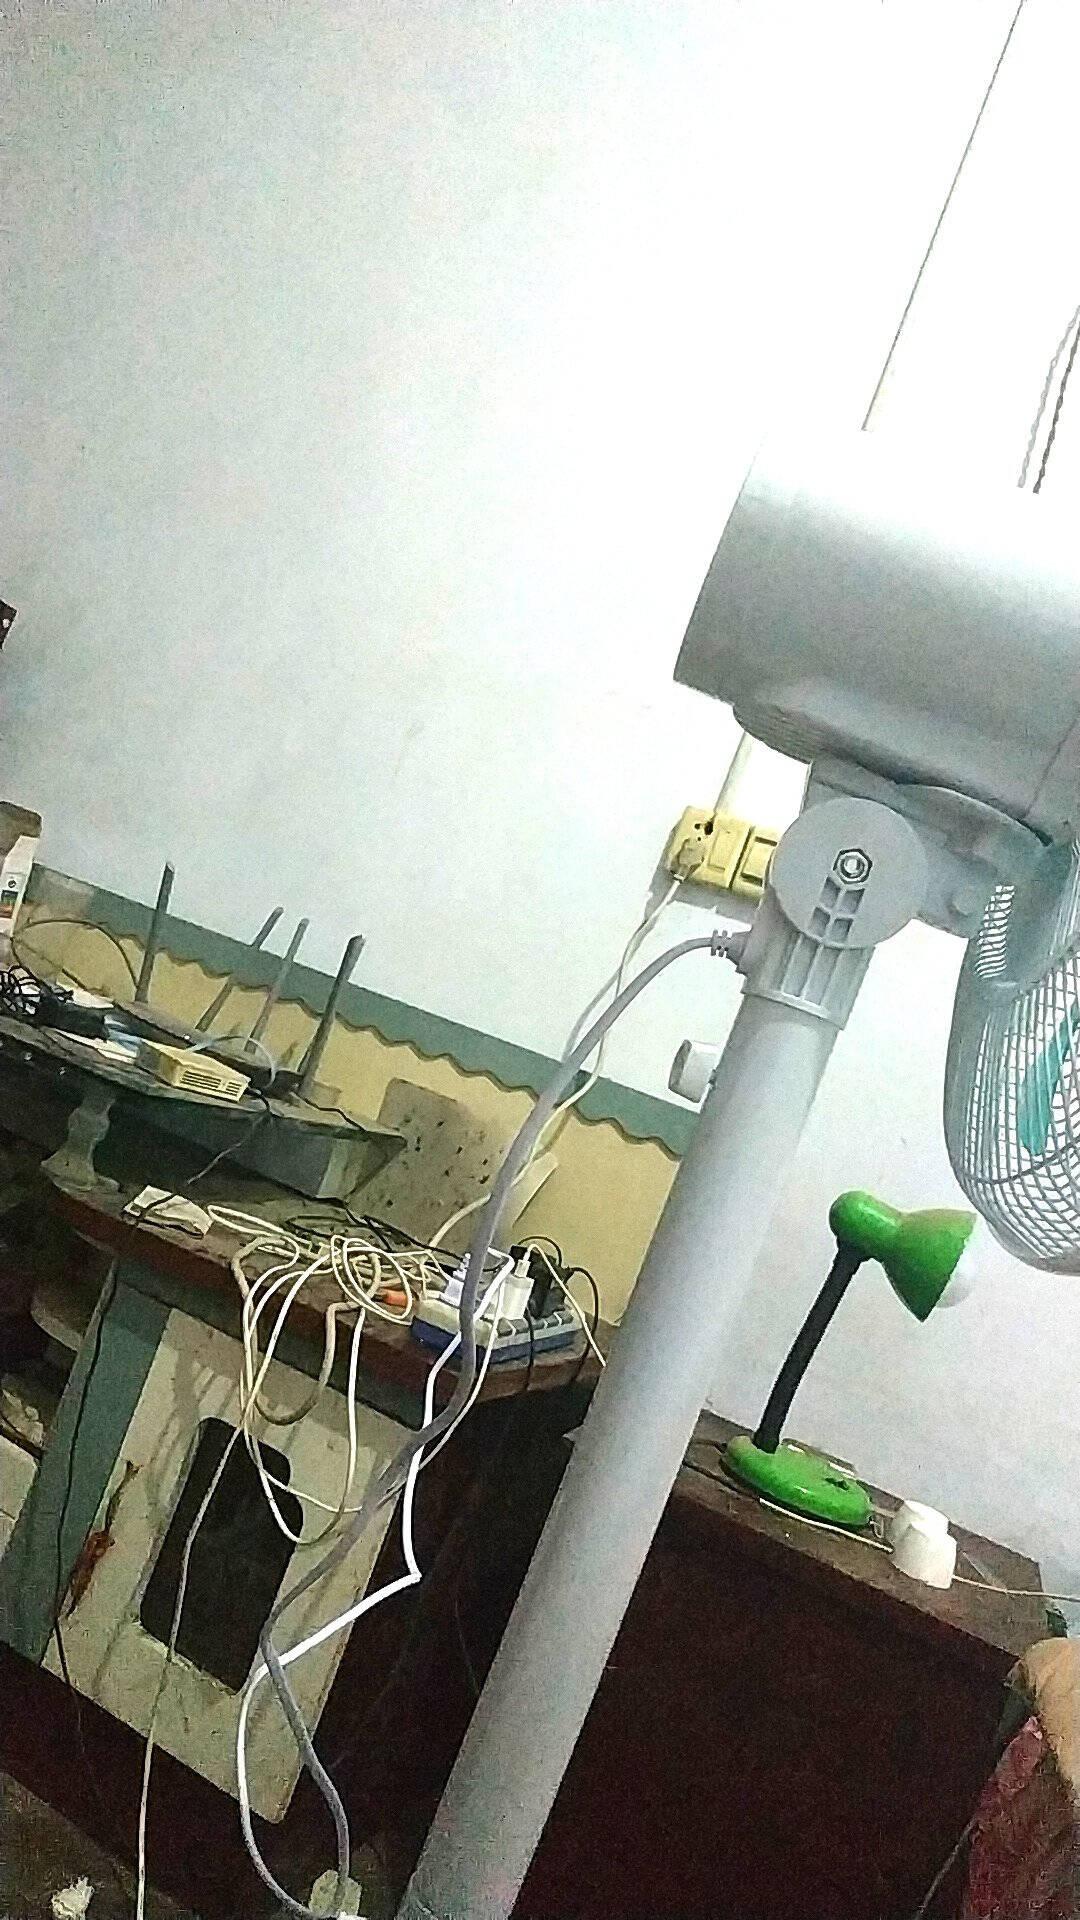 华生(Wahson)电风扇/落地扇/家用静音风扇/空气流通扇/台式电扇/7叶办公落地风扇FS112-35C6